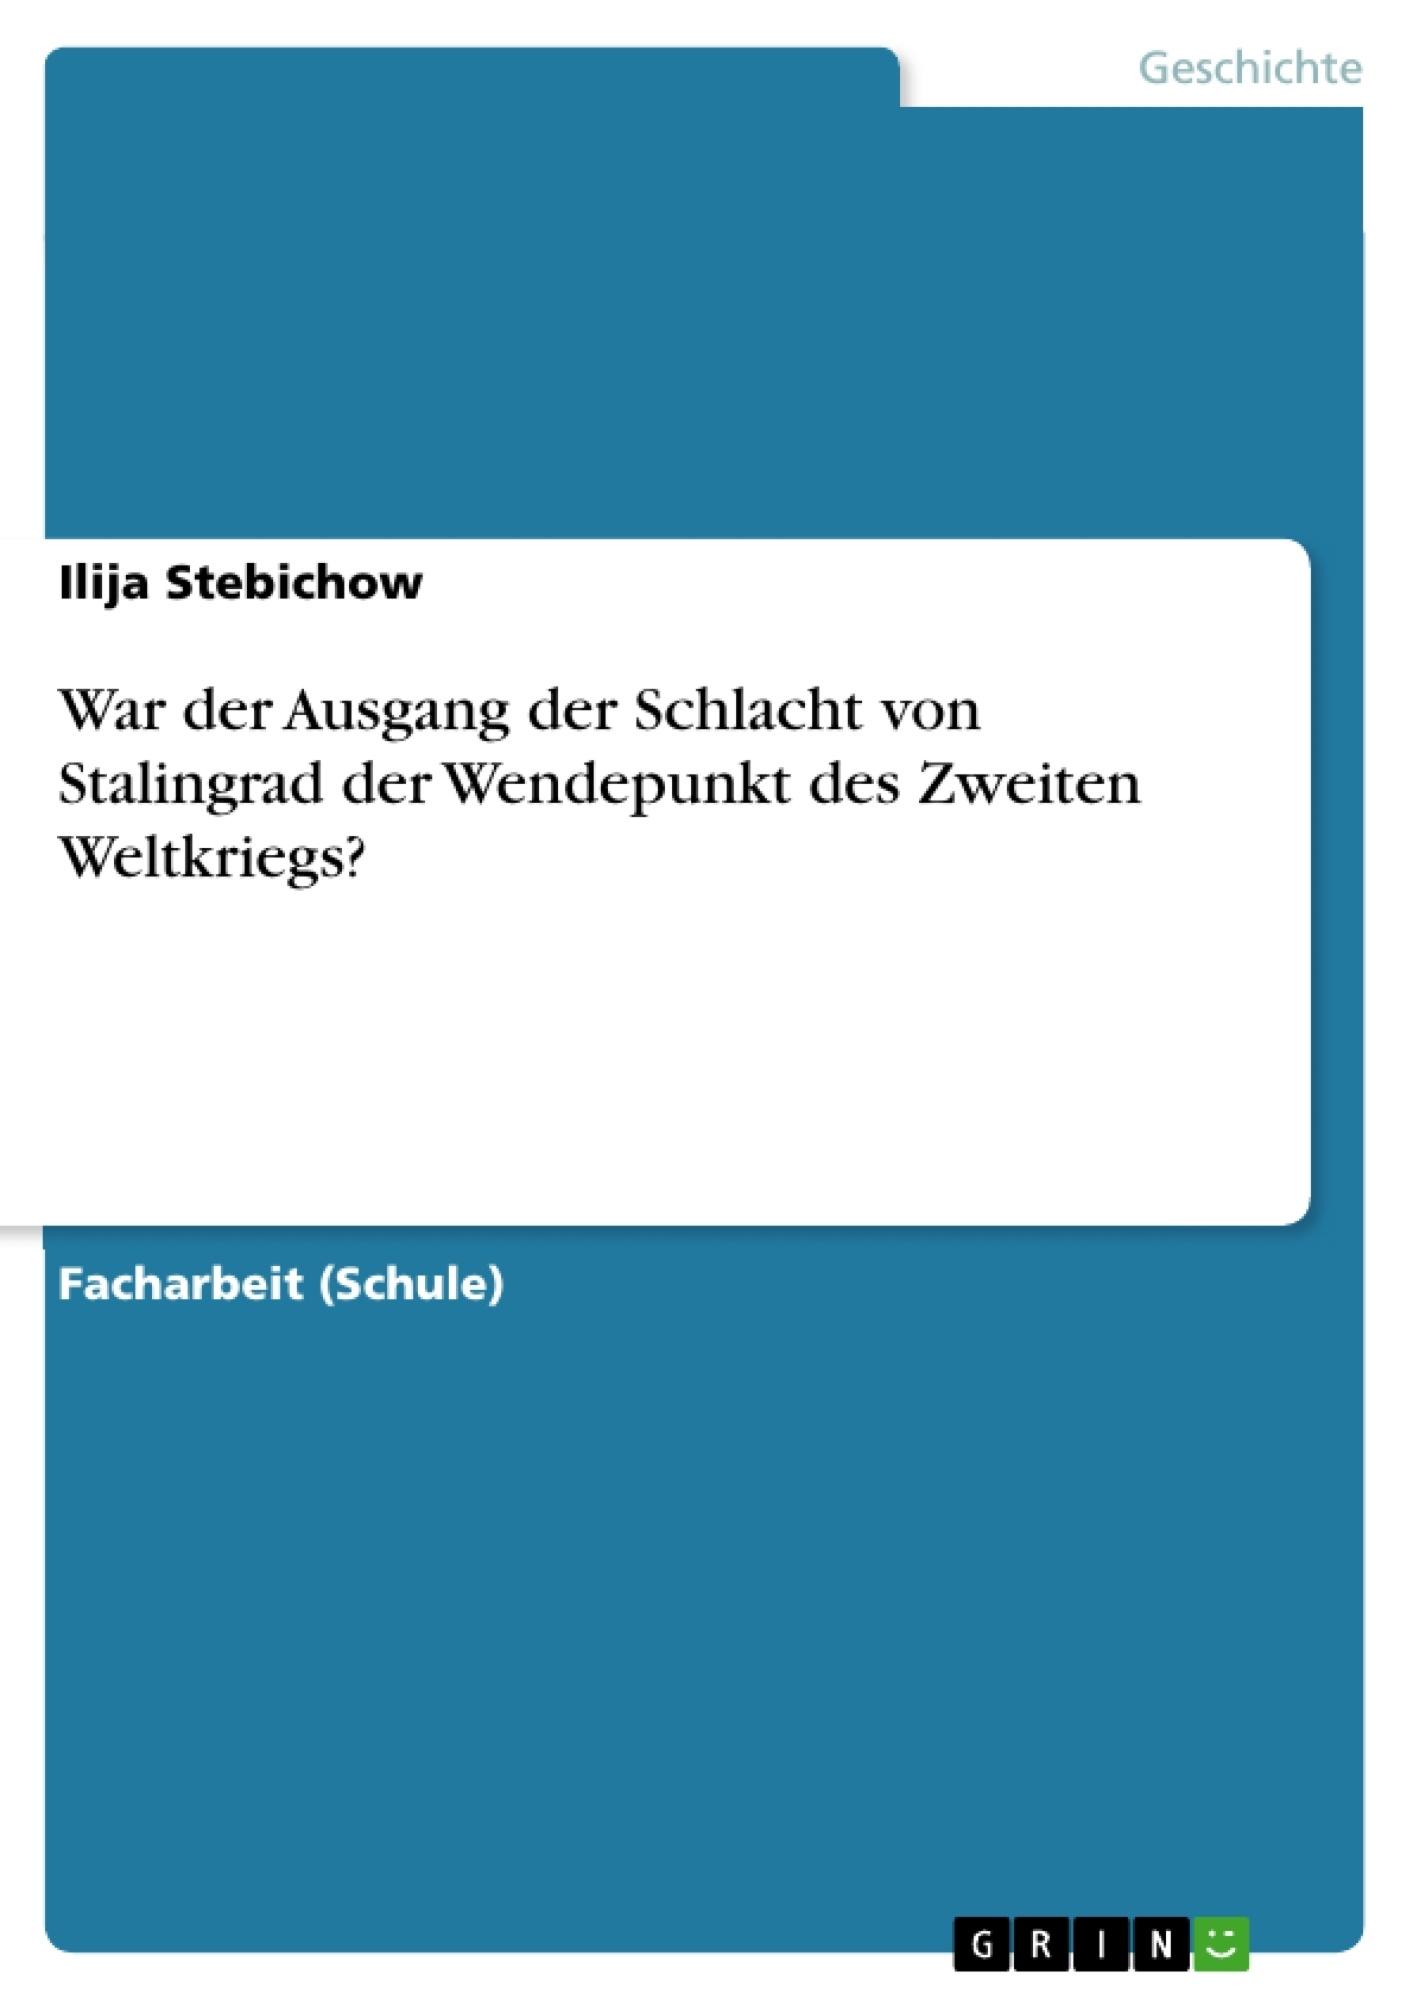 Titel: War der Ausgang der Schlacht von Stalingrad der Wendepunkt des Zweiten Weltkriegs?